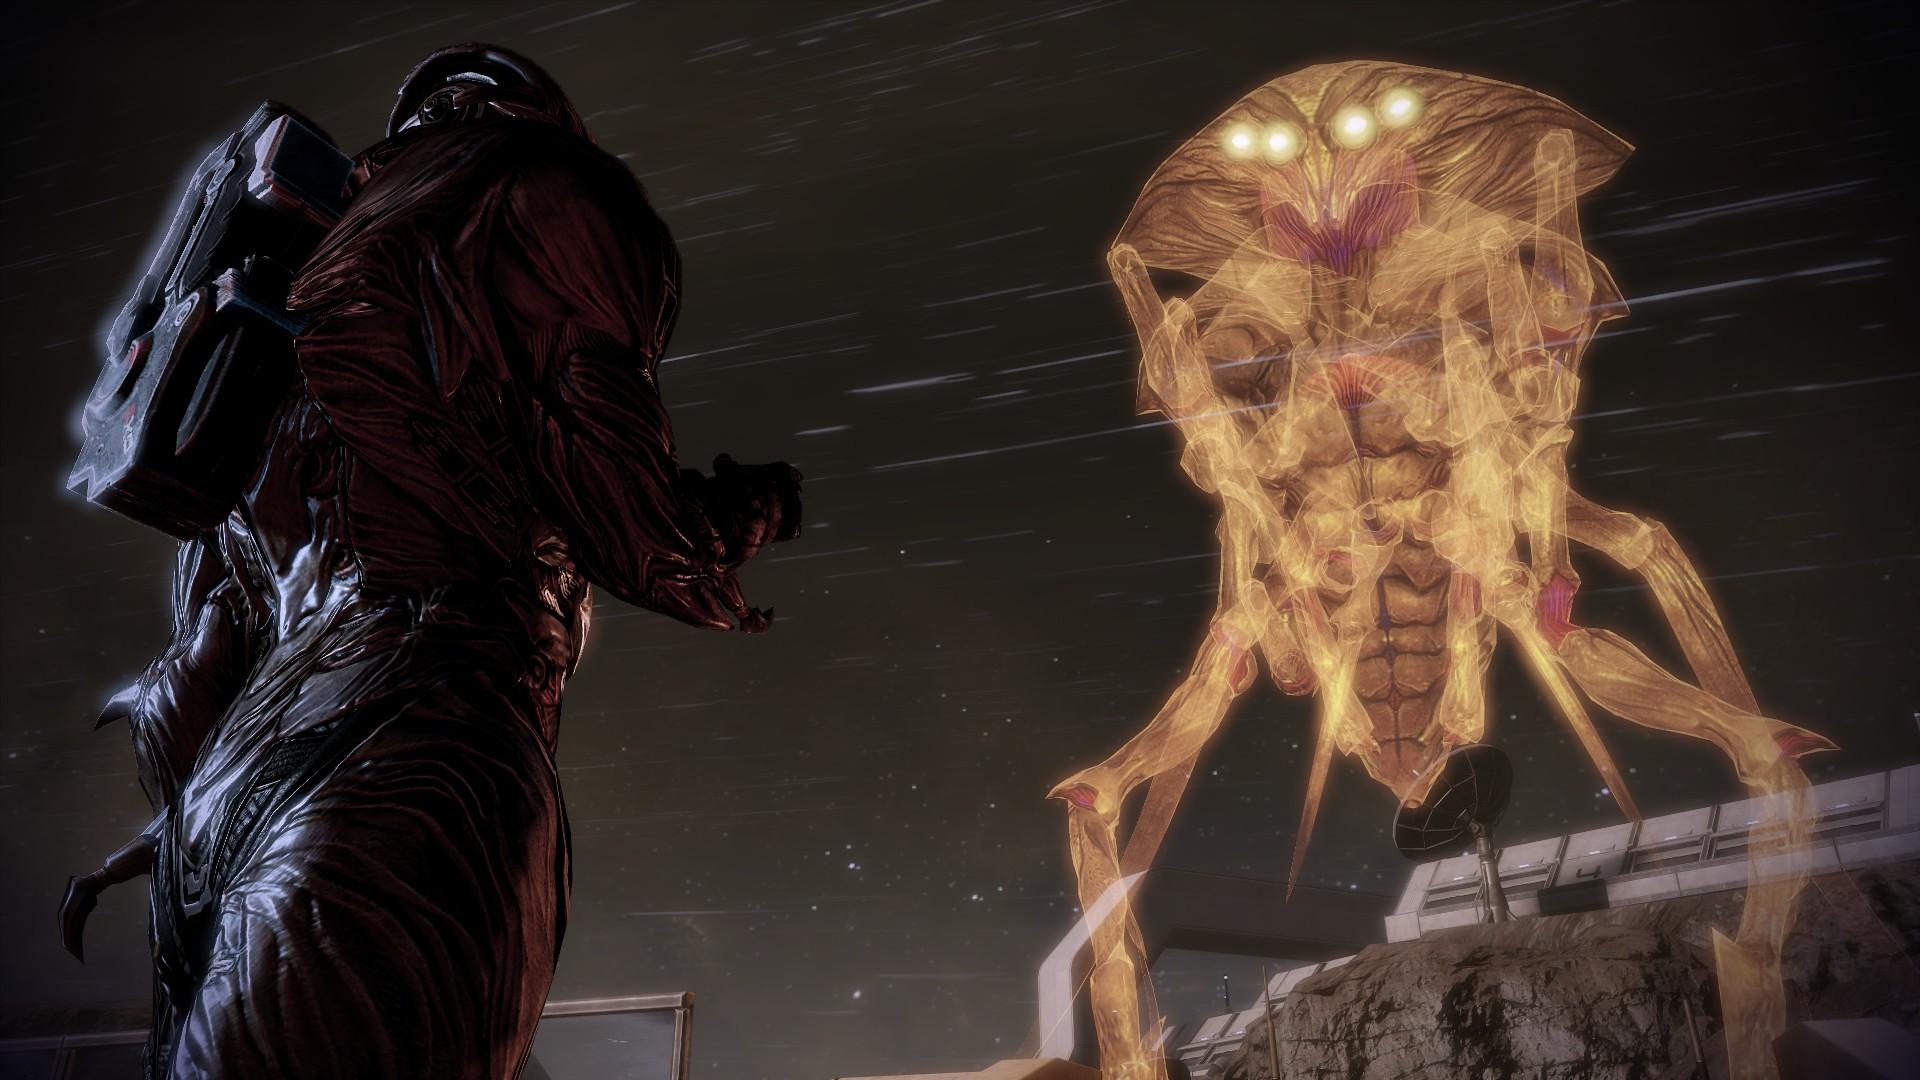 11977824136_a890eda940_k.jpg - Mass Effect 2